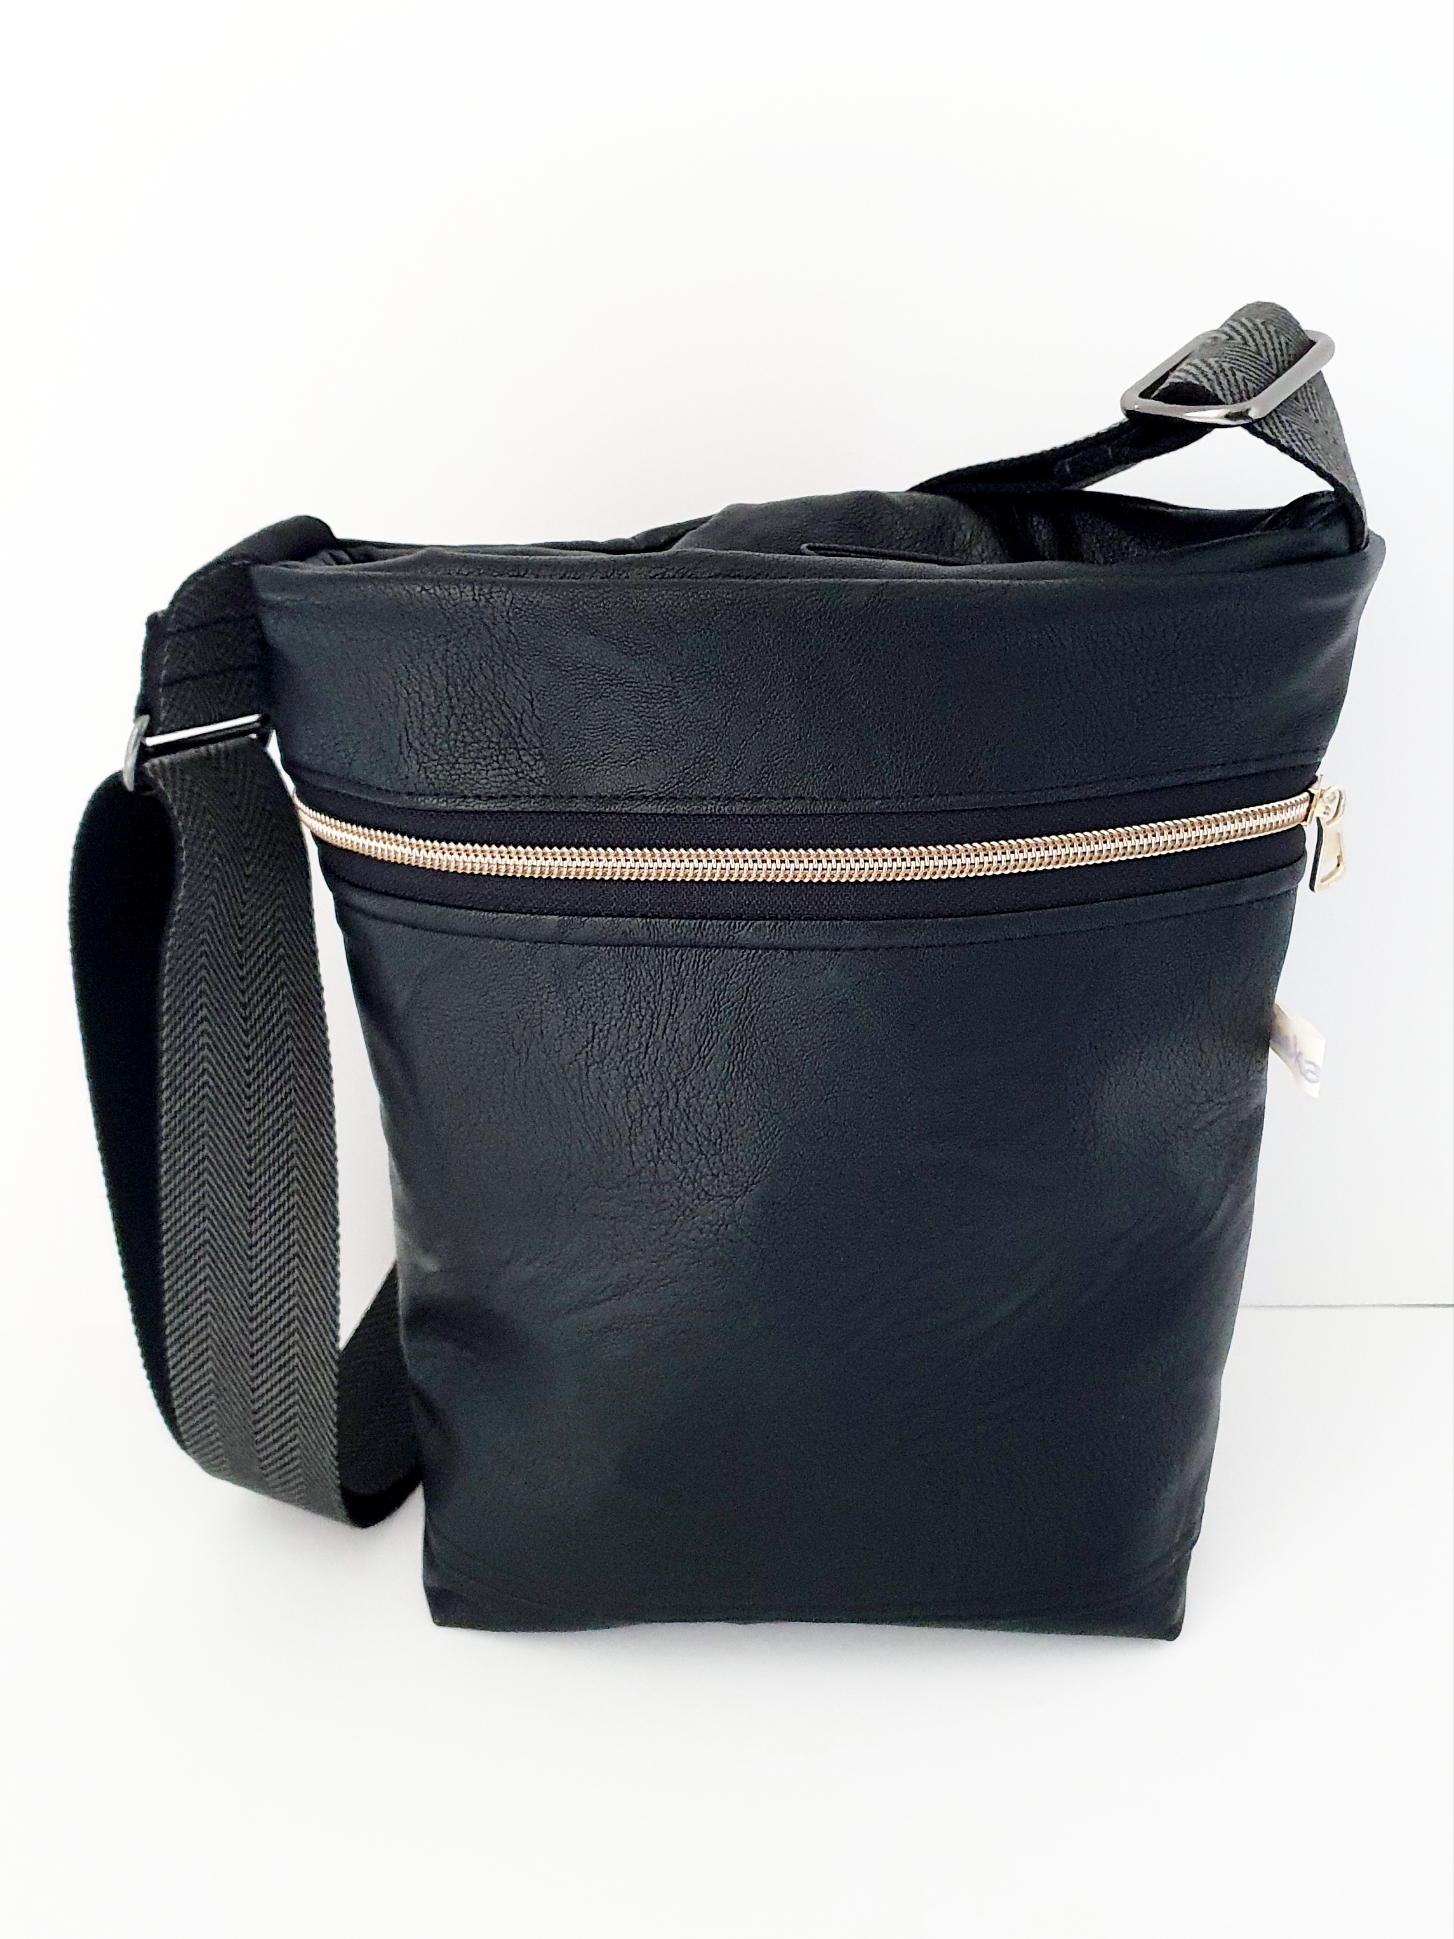 Tasche klein weiches Kunstleder schwarz, verkauft